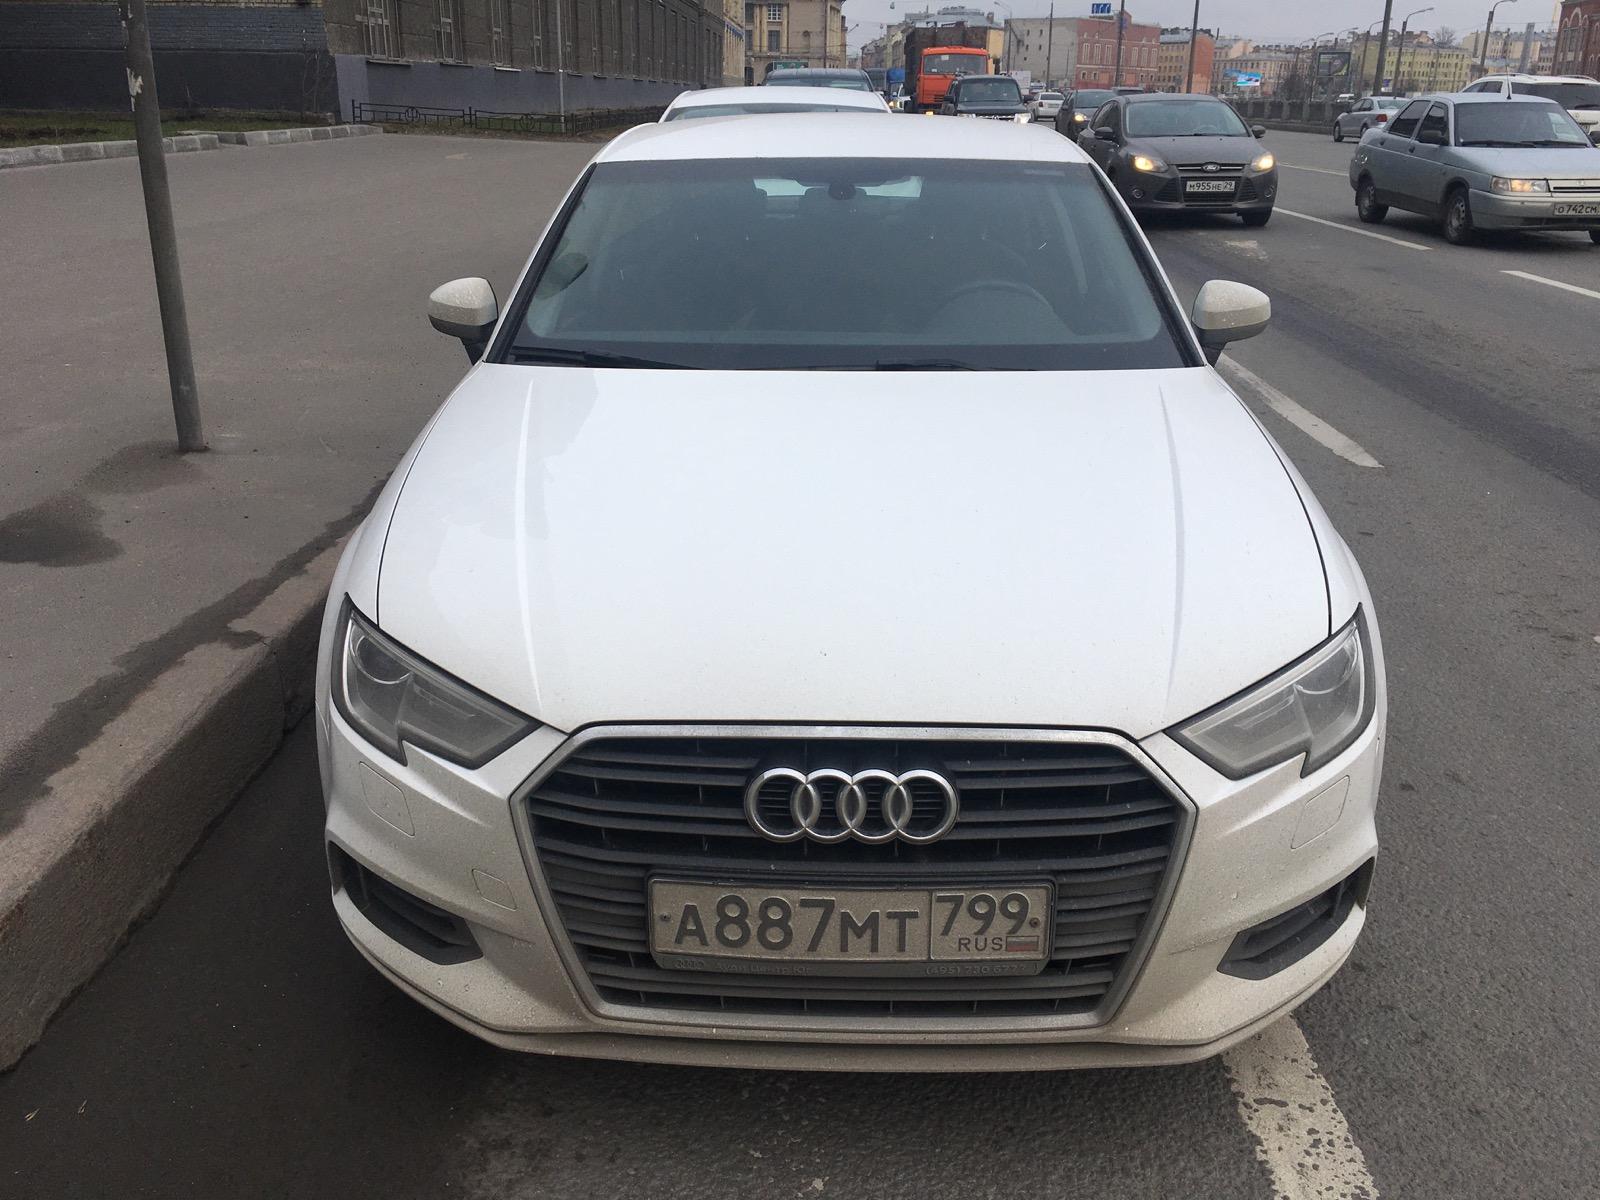 Audi A3 Яндекс.Драйв